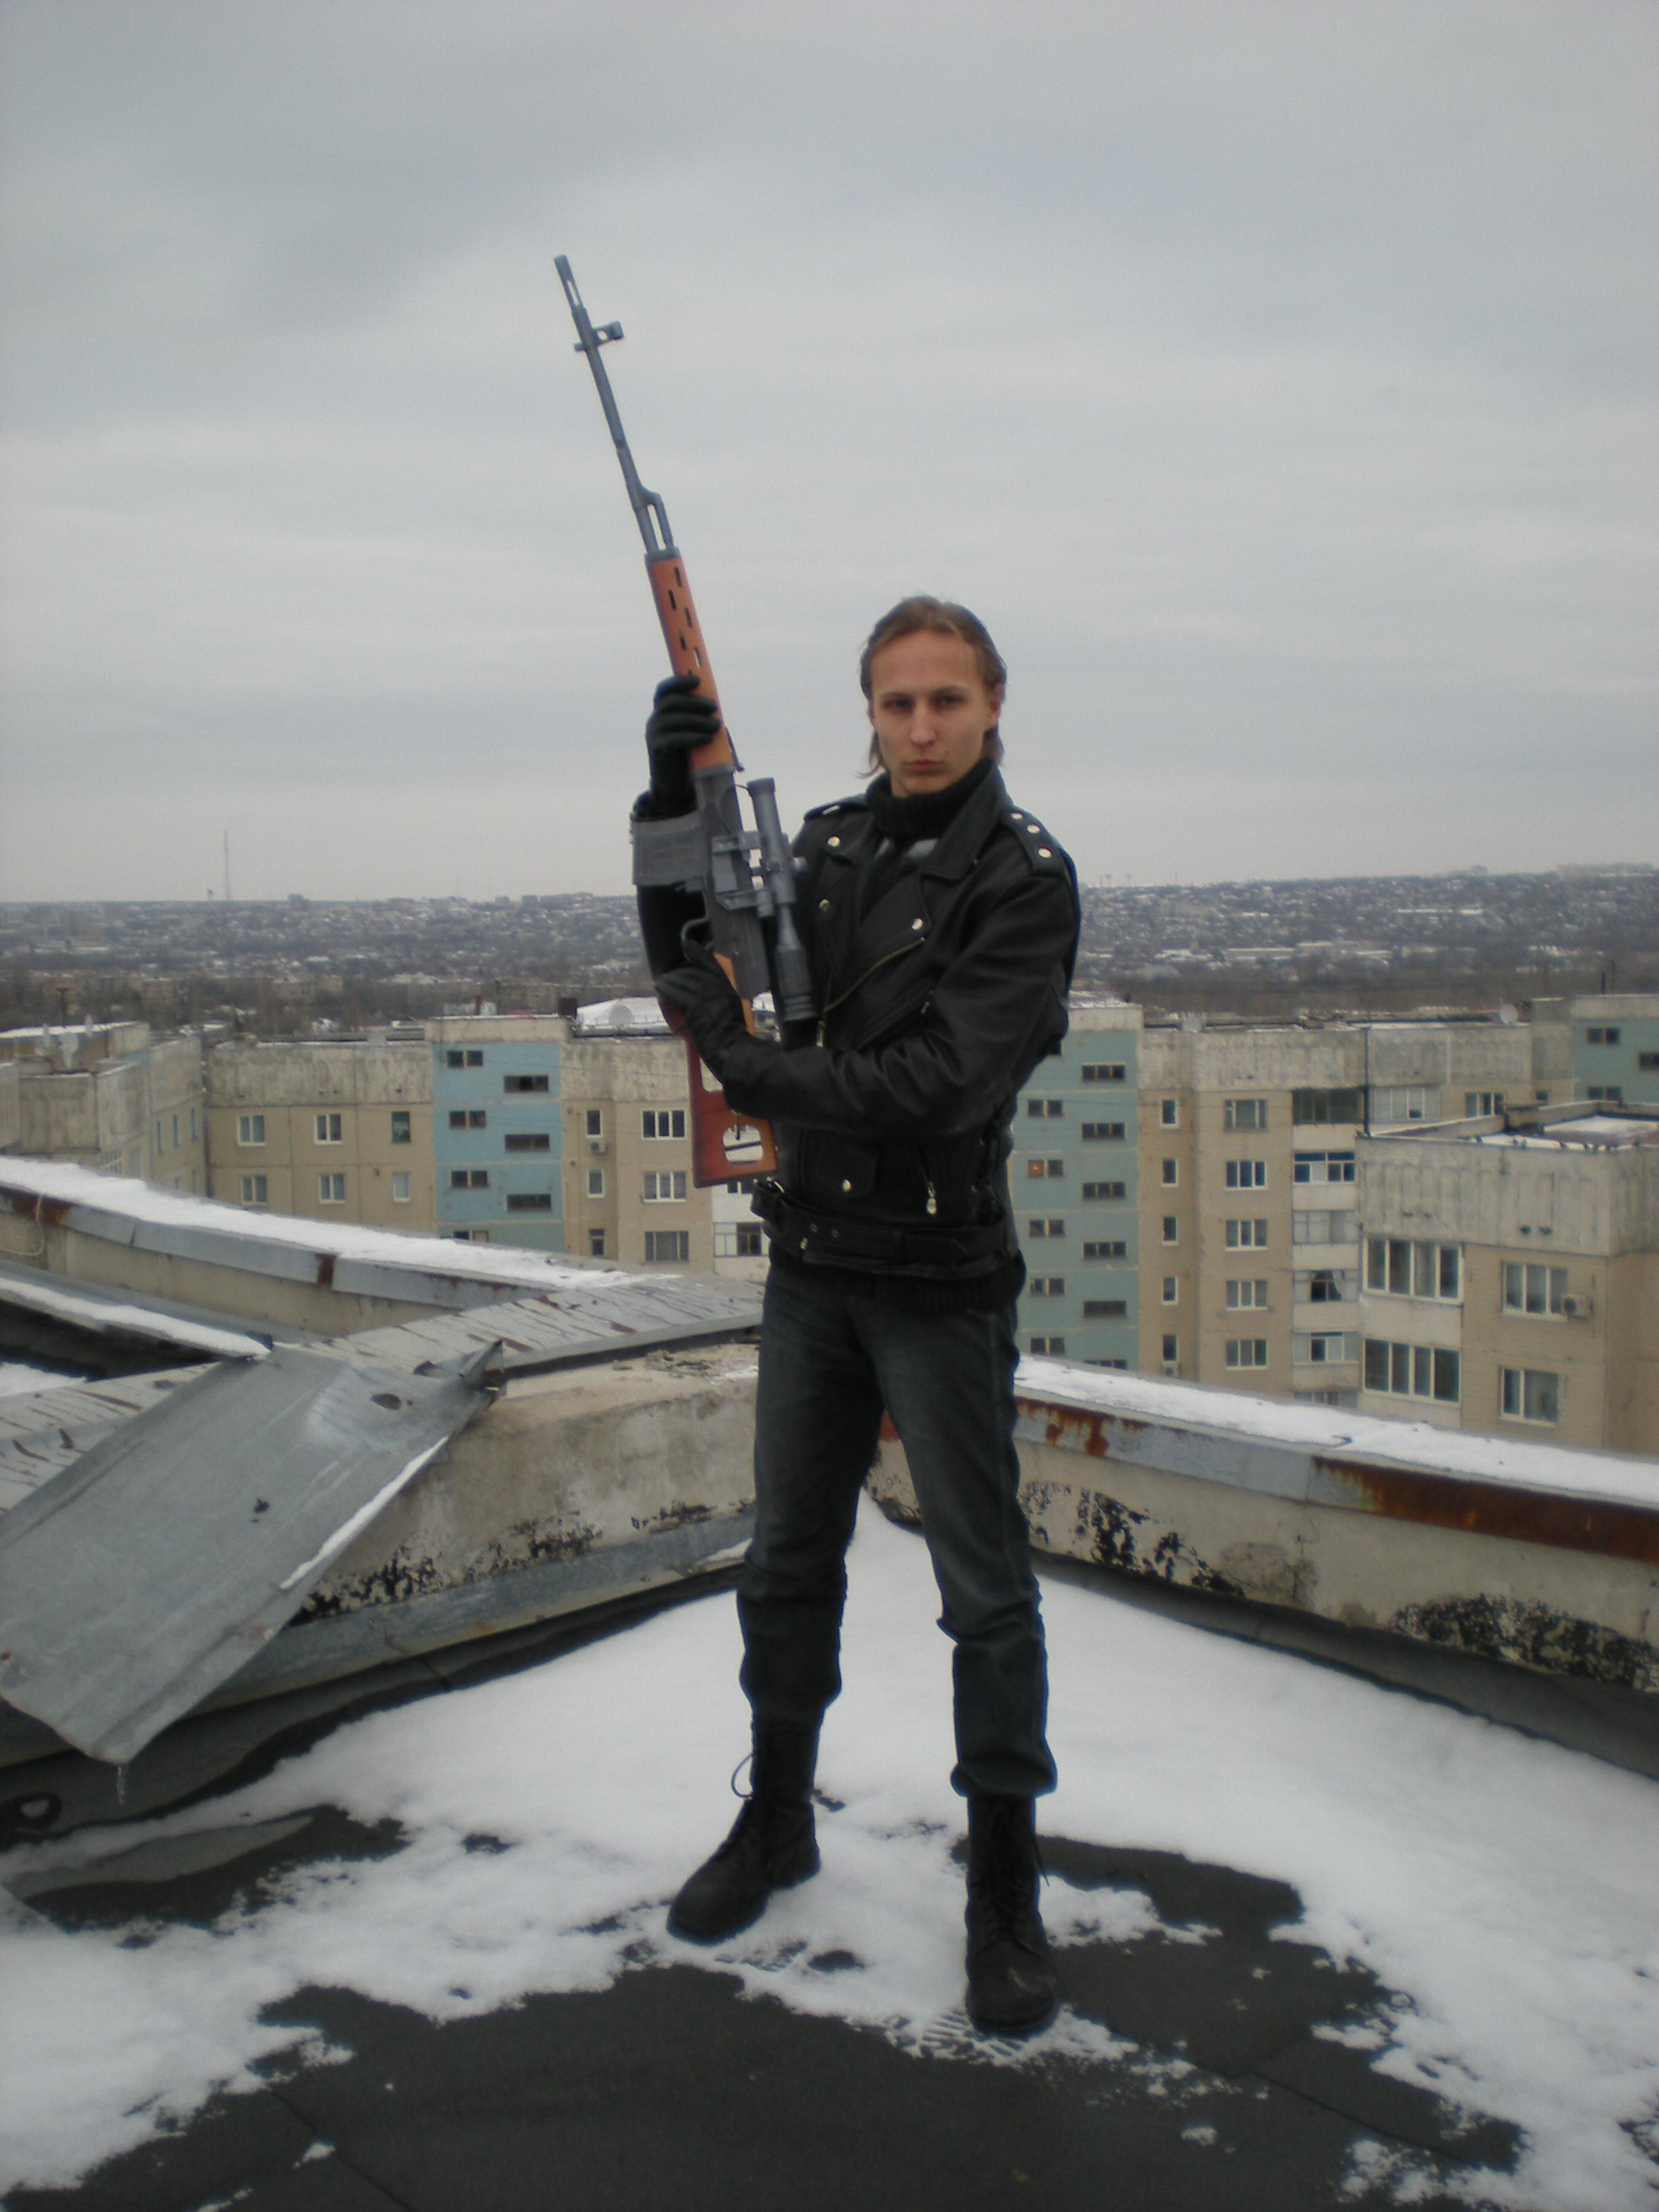 Dragunov SVD Sniper Rifle By MechenyiZlom